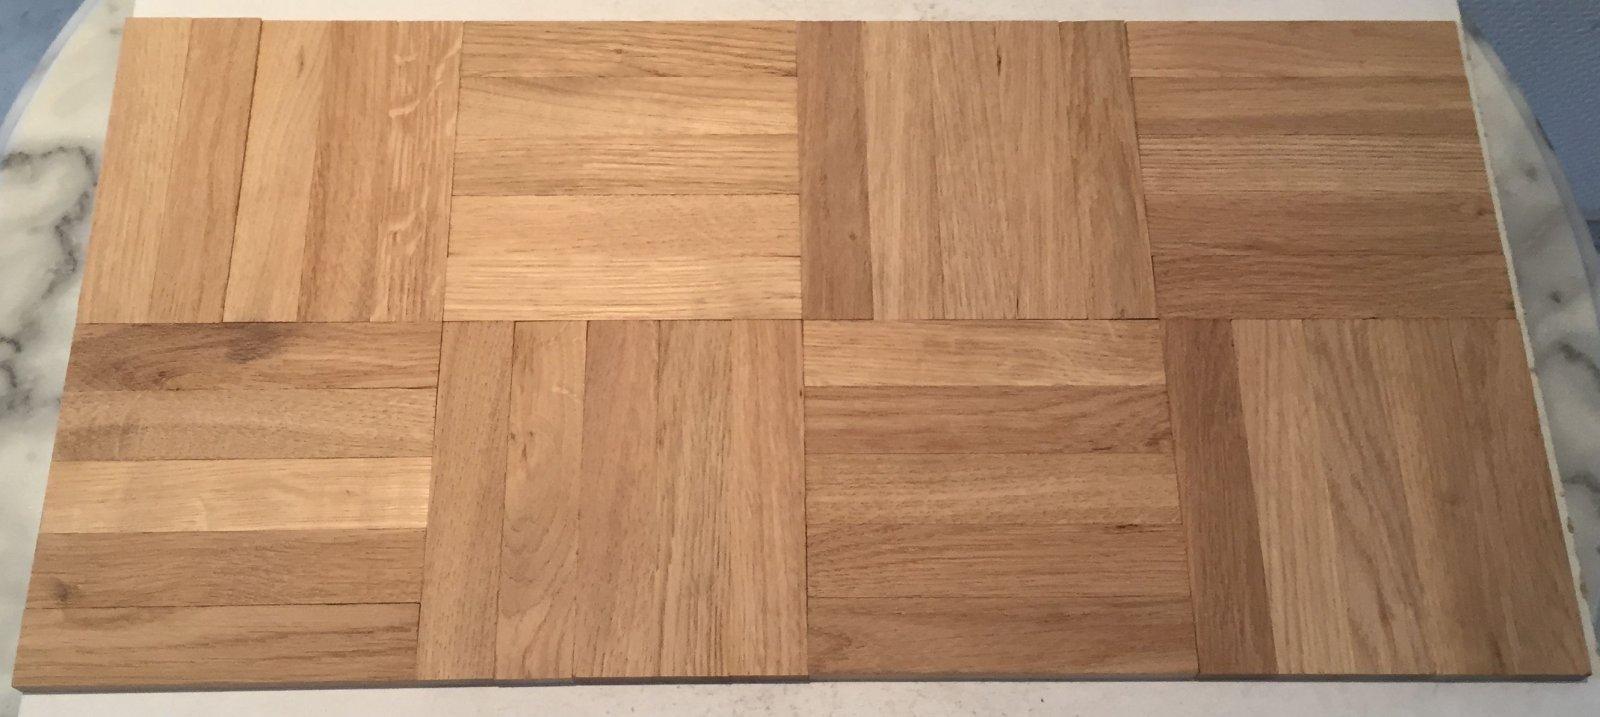 8 Würfel Mosaikparkett Eiche natur in Reparaturgröße 120 mm